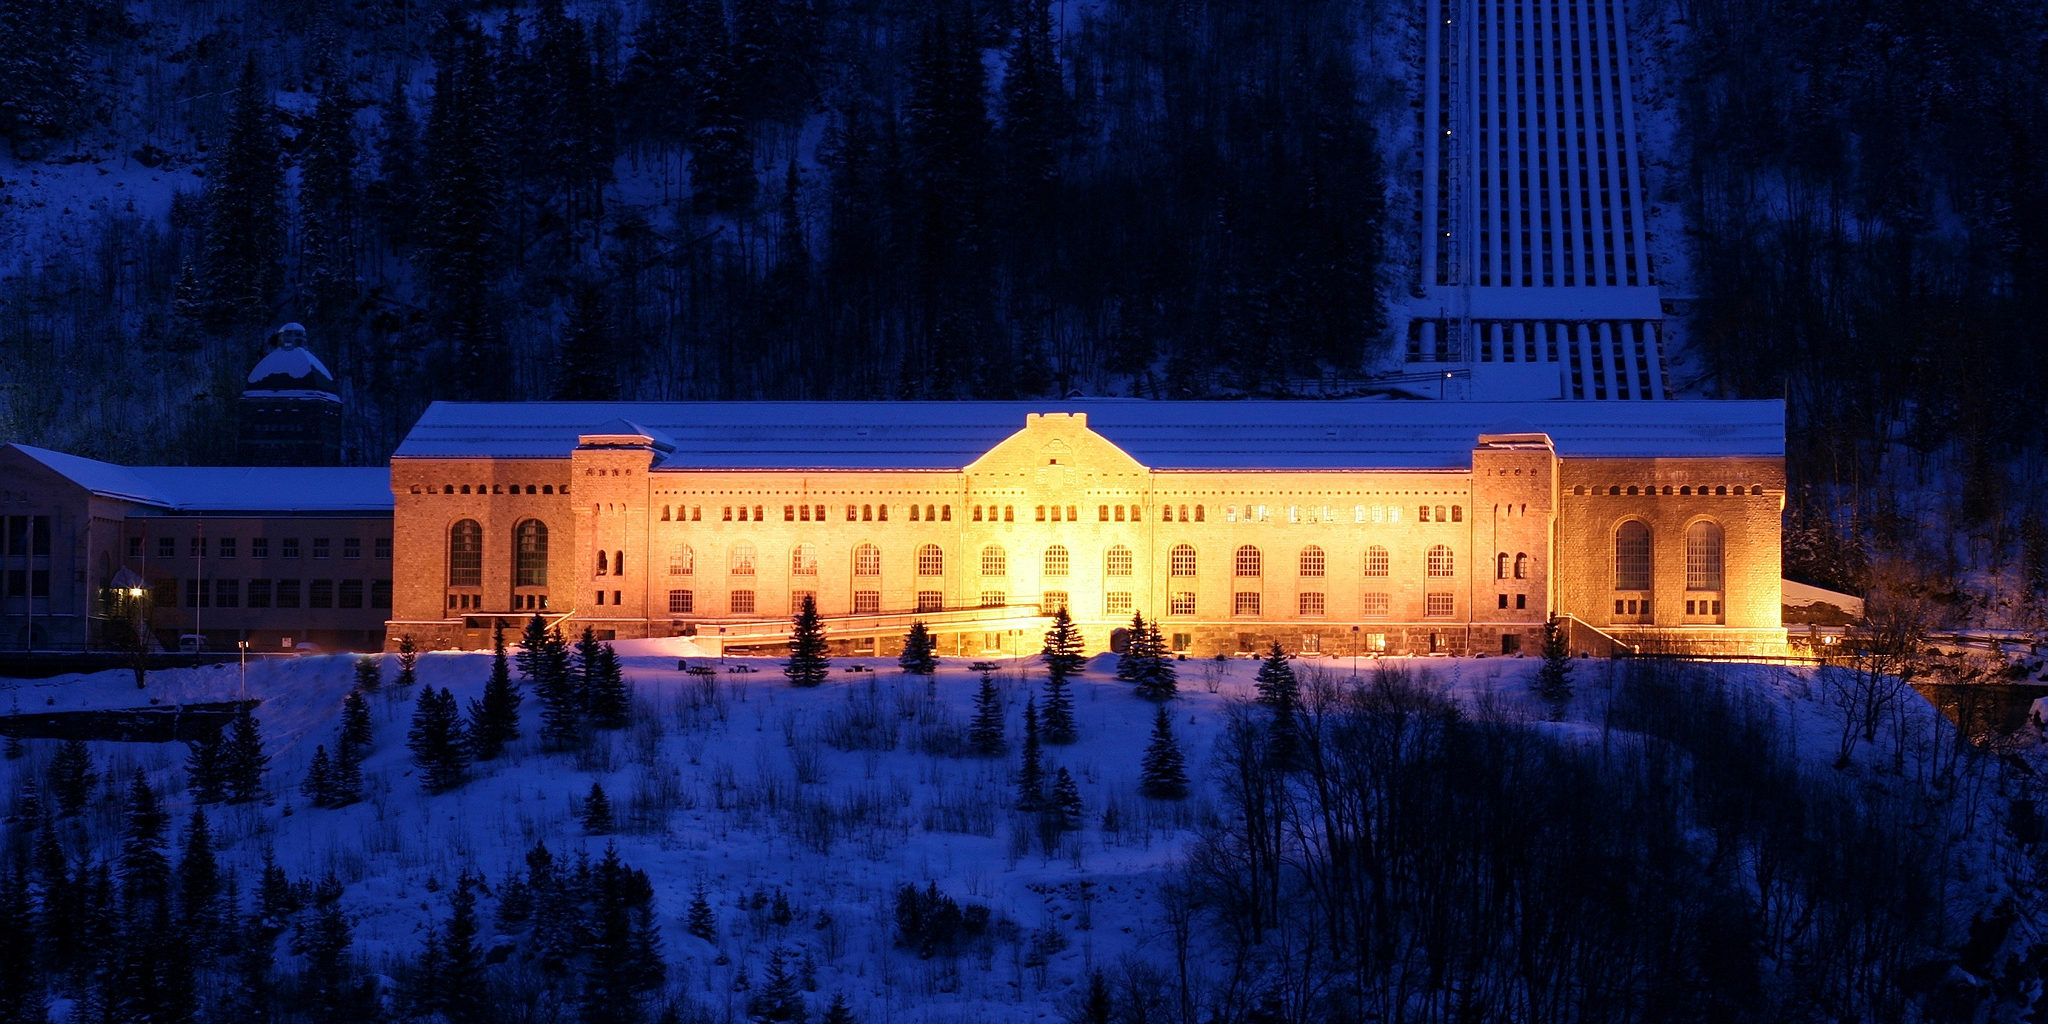 Vemork ble ferdig i 1911 og var et av verdens største kraftstasjon i sin tid  Foto: Norsk Industriarbeidermuseum